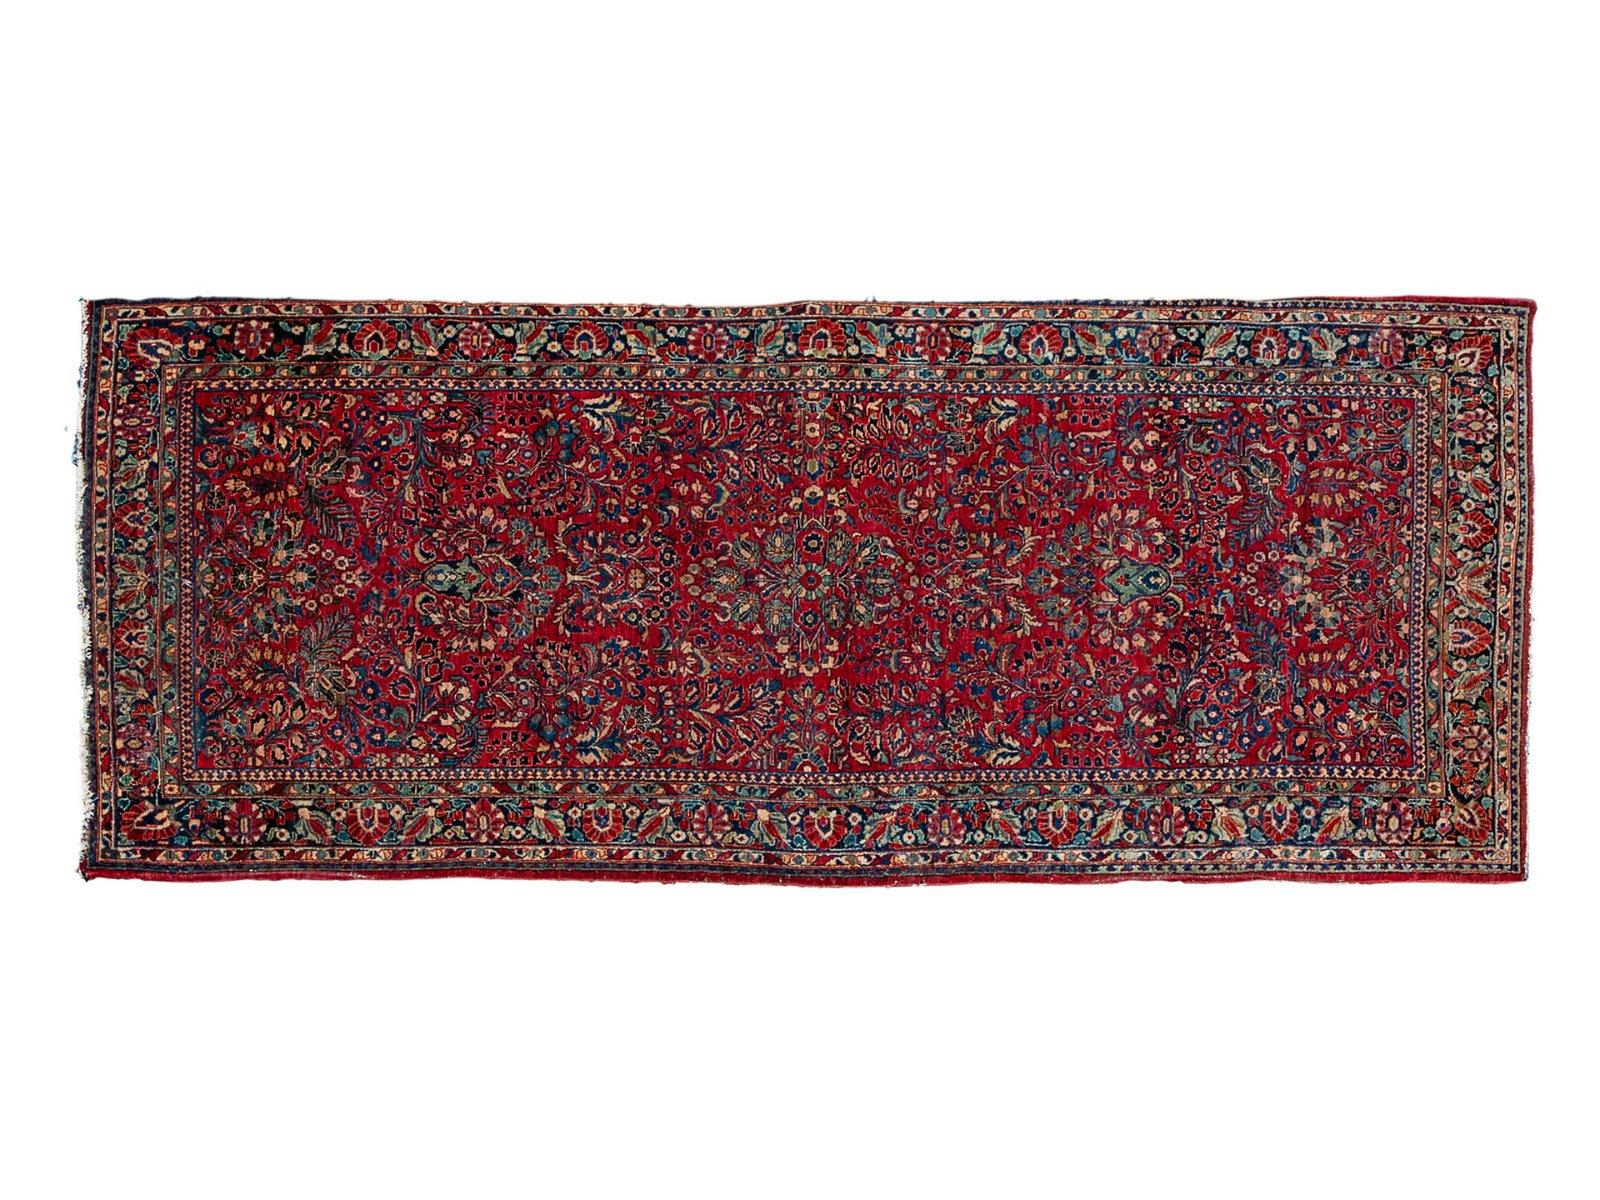 A Sarouk Wool Runner